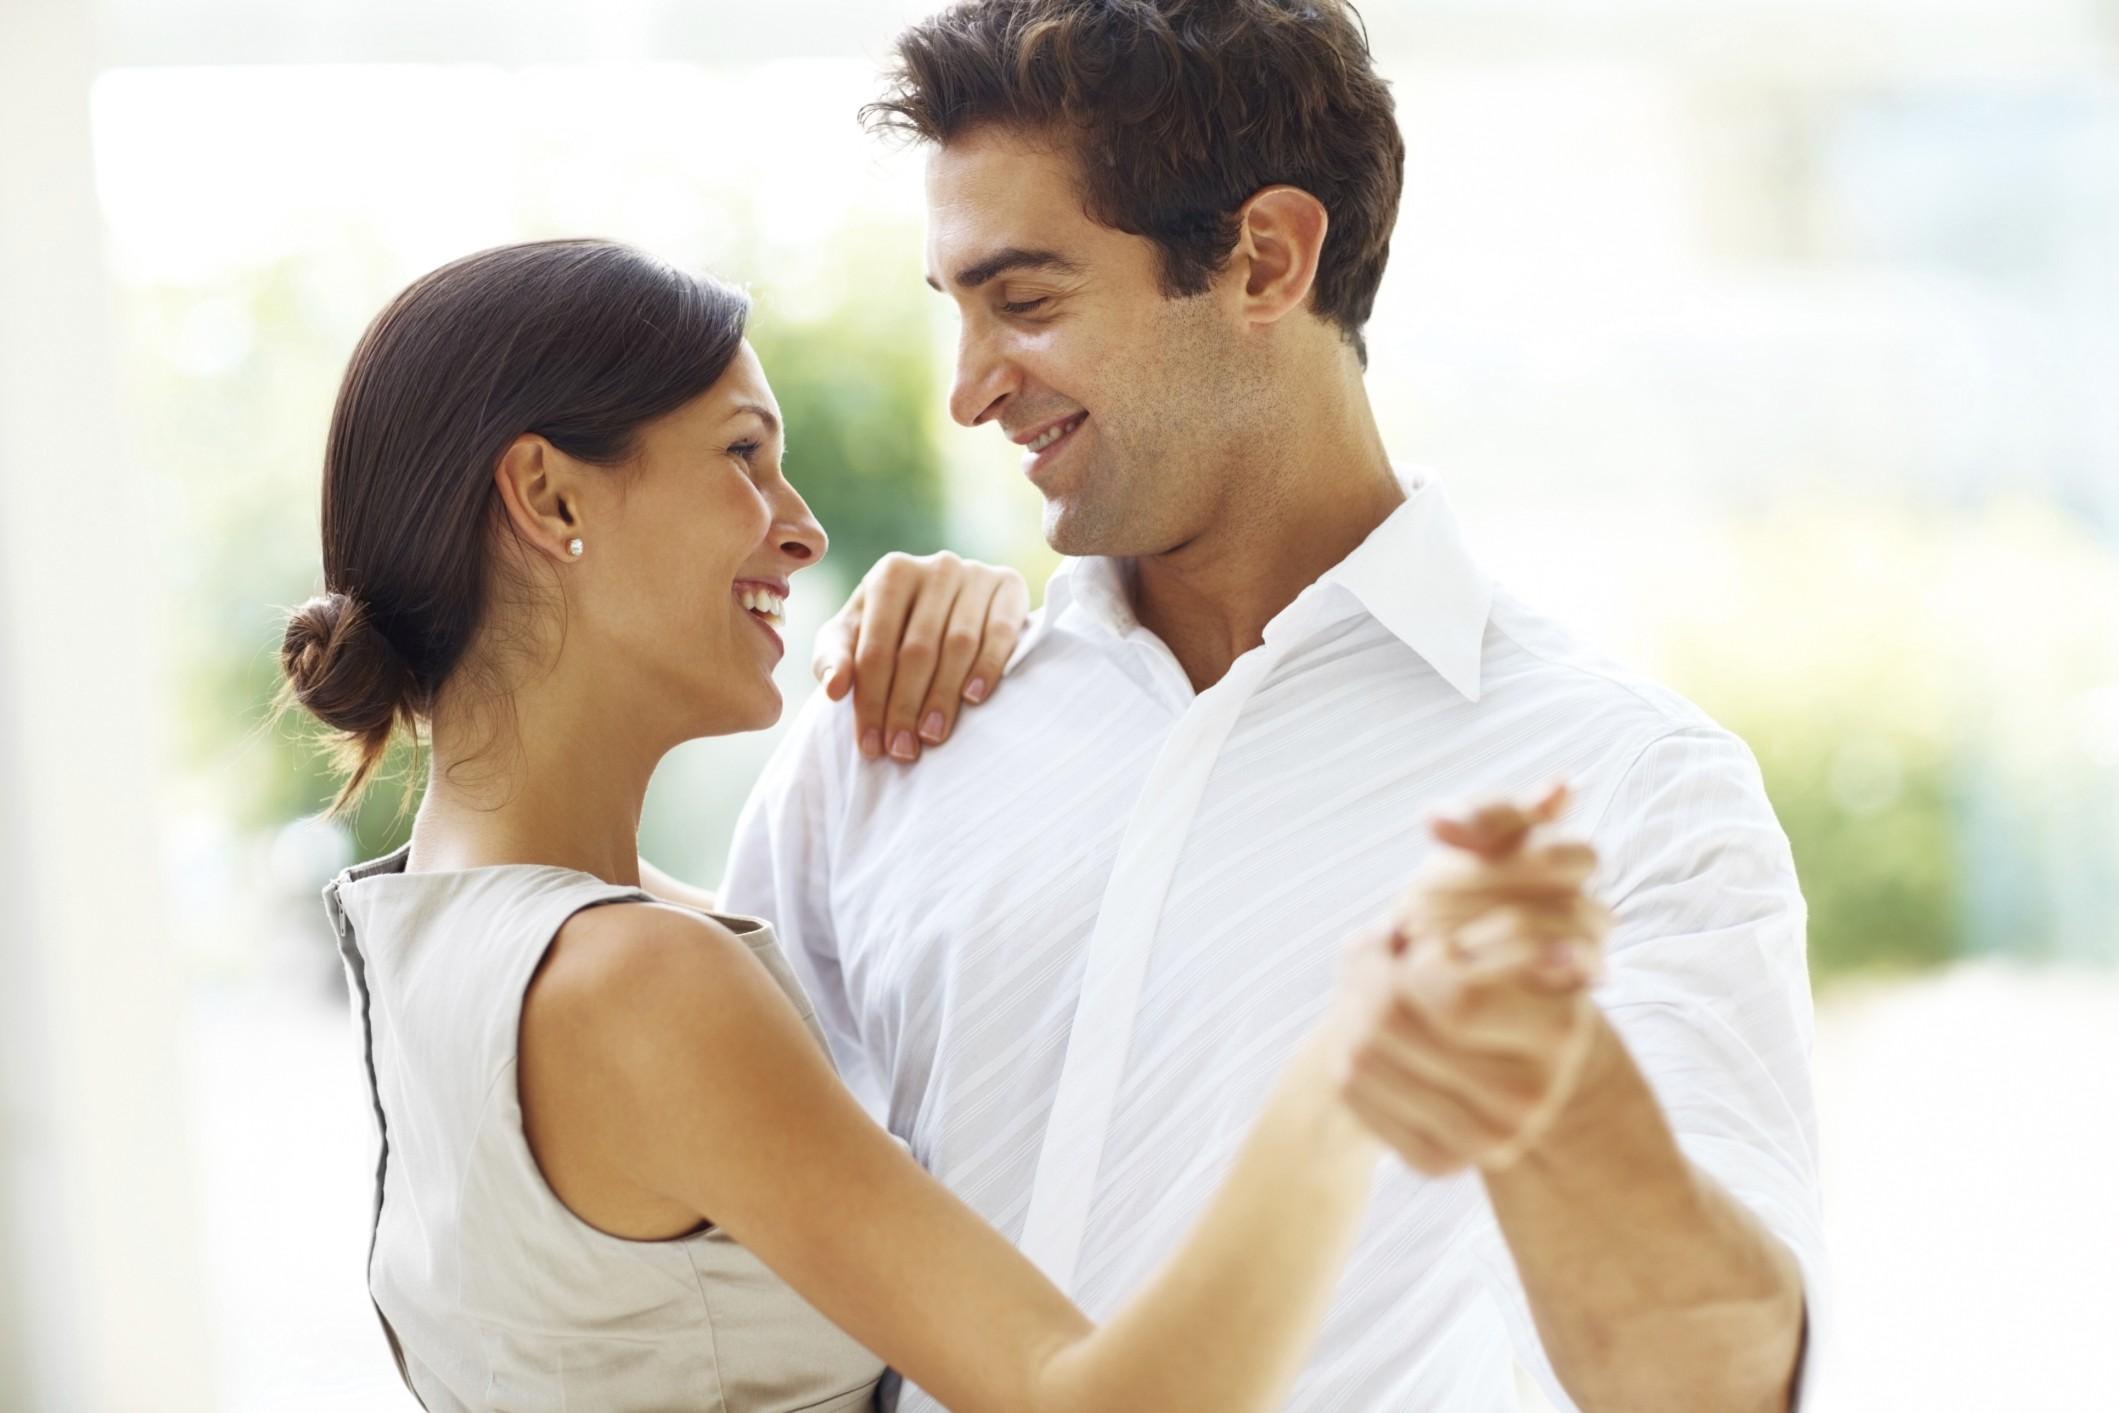 Ipertensione, ballare come terapia: abbassa la pressione